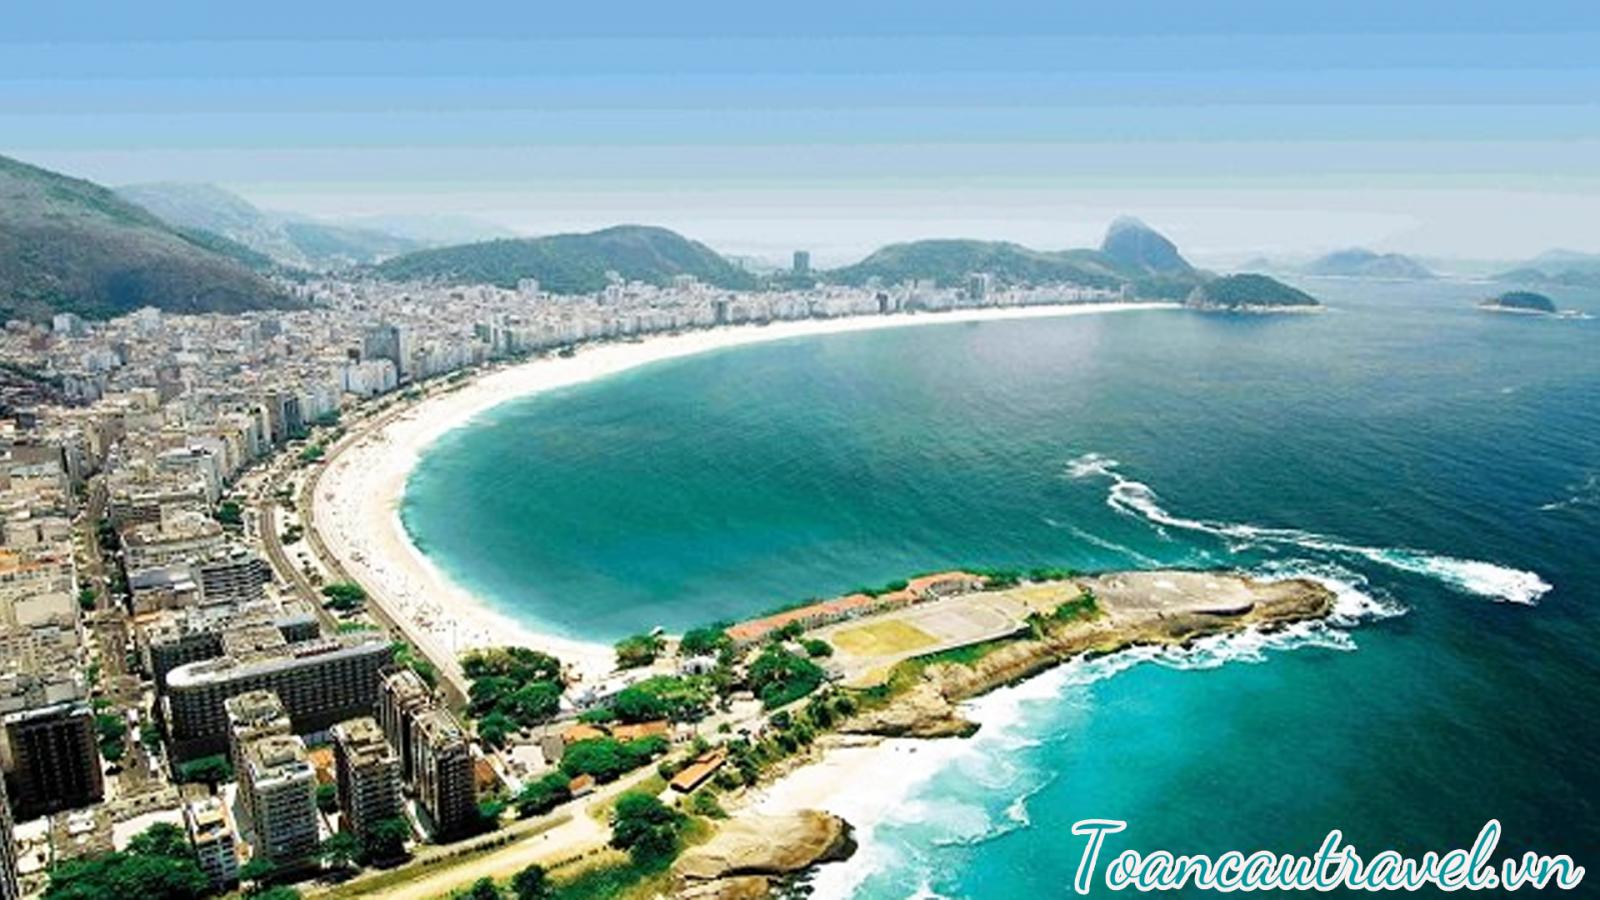 TC0603 | VŨ ĐIỆU SAMBAI - BRAZIL - PERU - ARGENTINA